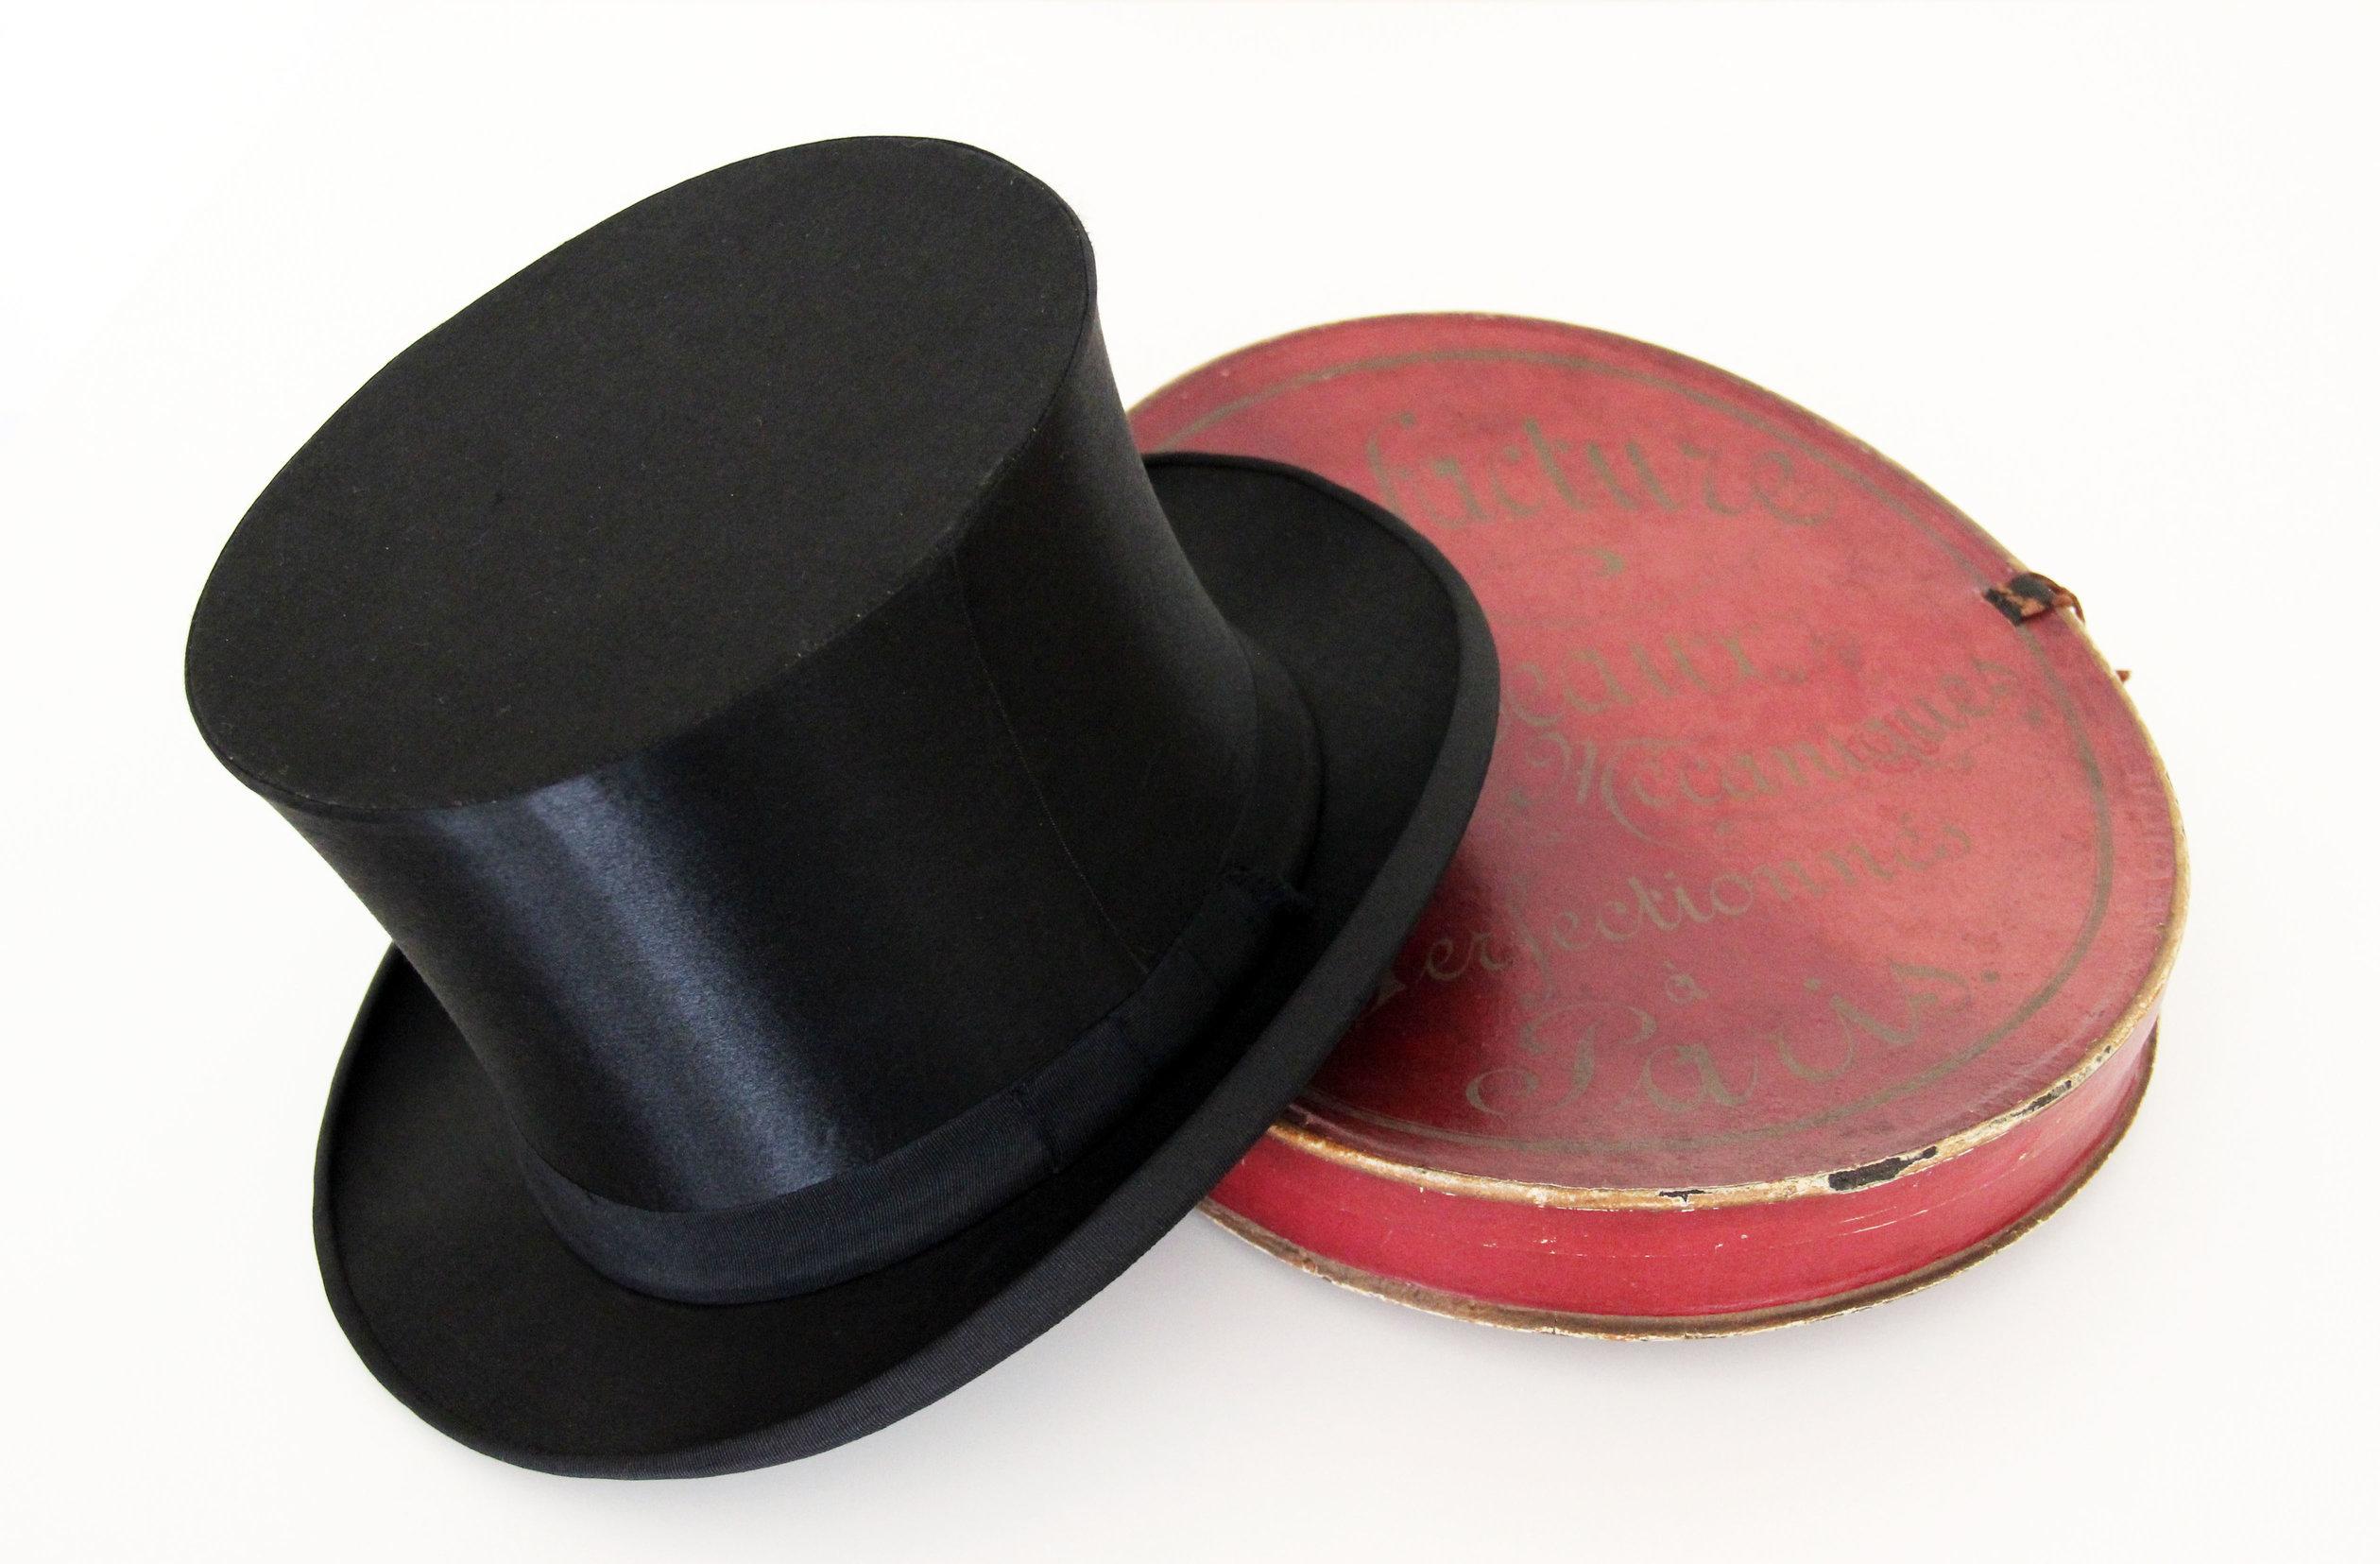 """Kapelusz Cylinder-Szapoklak """"TOP HAT"""" by LONG STORY SHORT"""